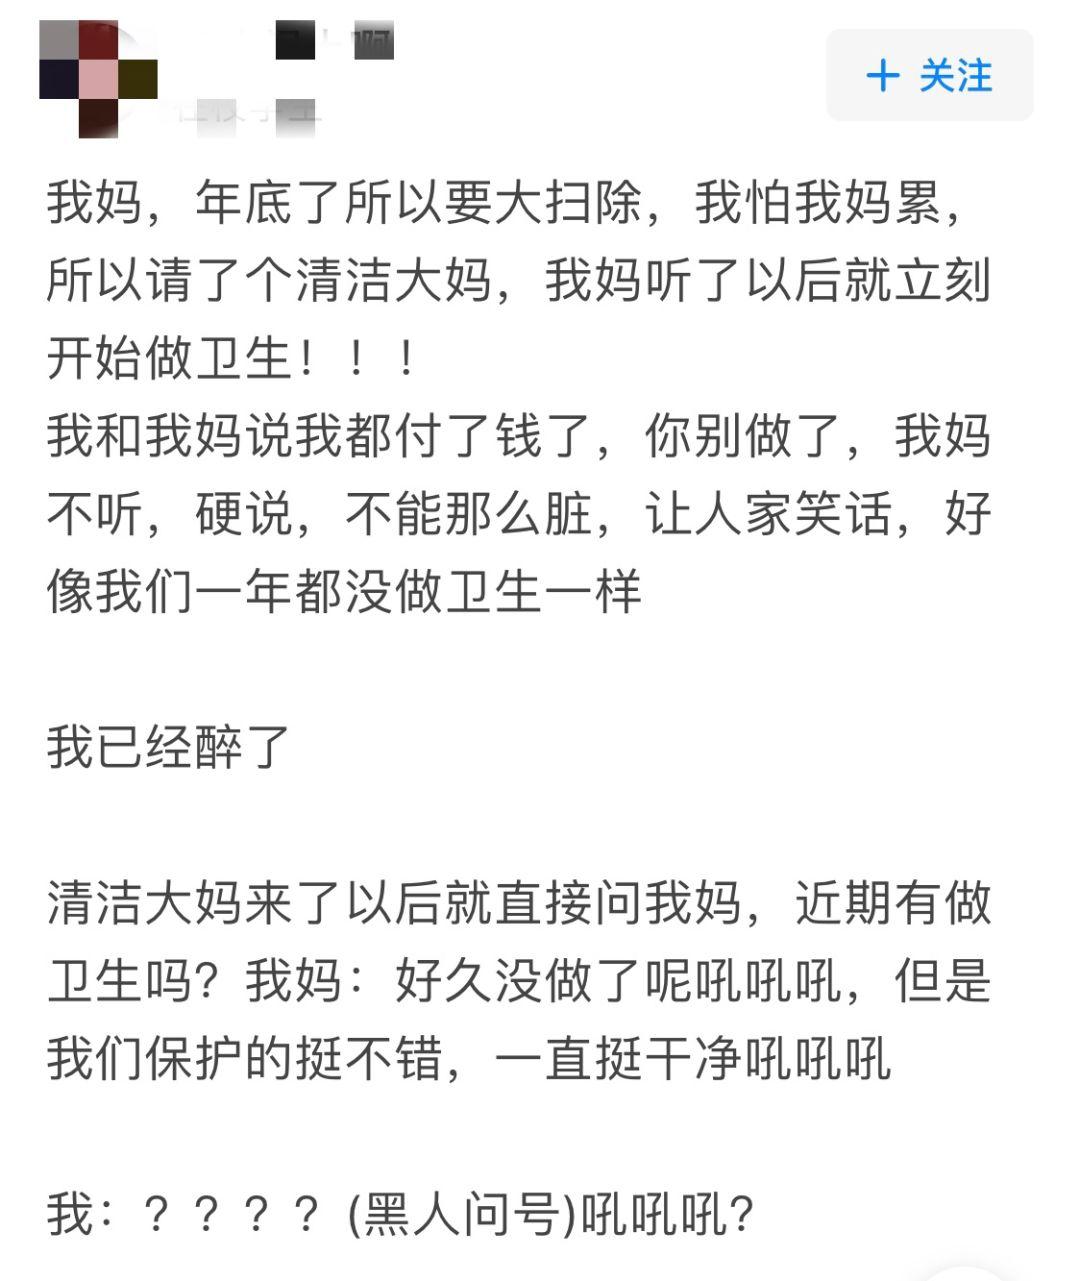 """苏宁副总裁在朋友圈 """"卖内裤"""":弱者才在乎面子,强者都活成了里子!"""